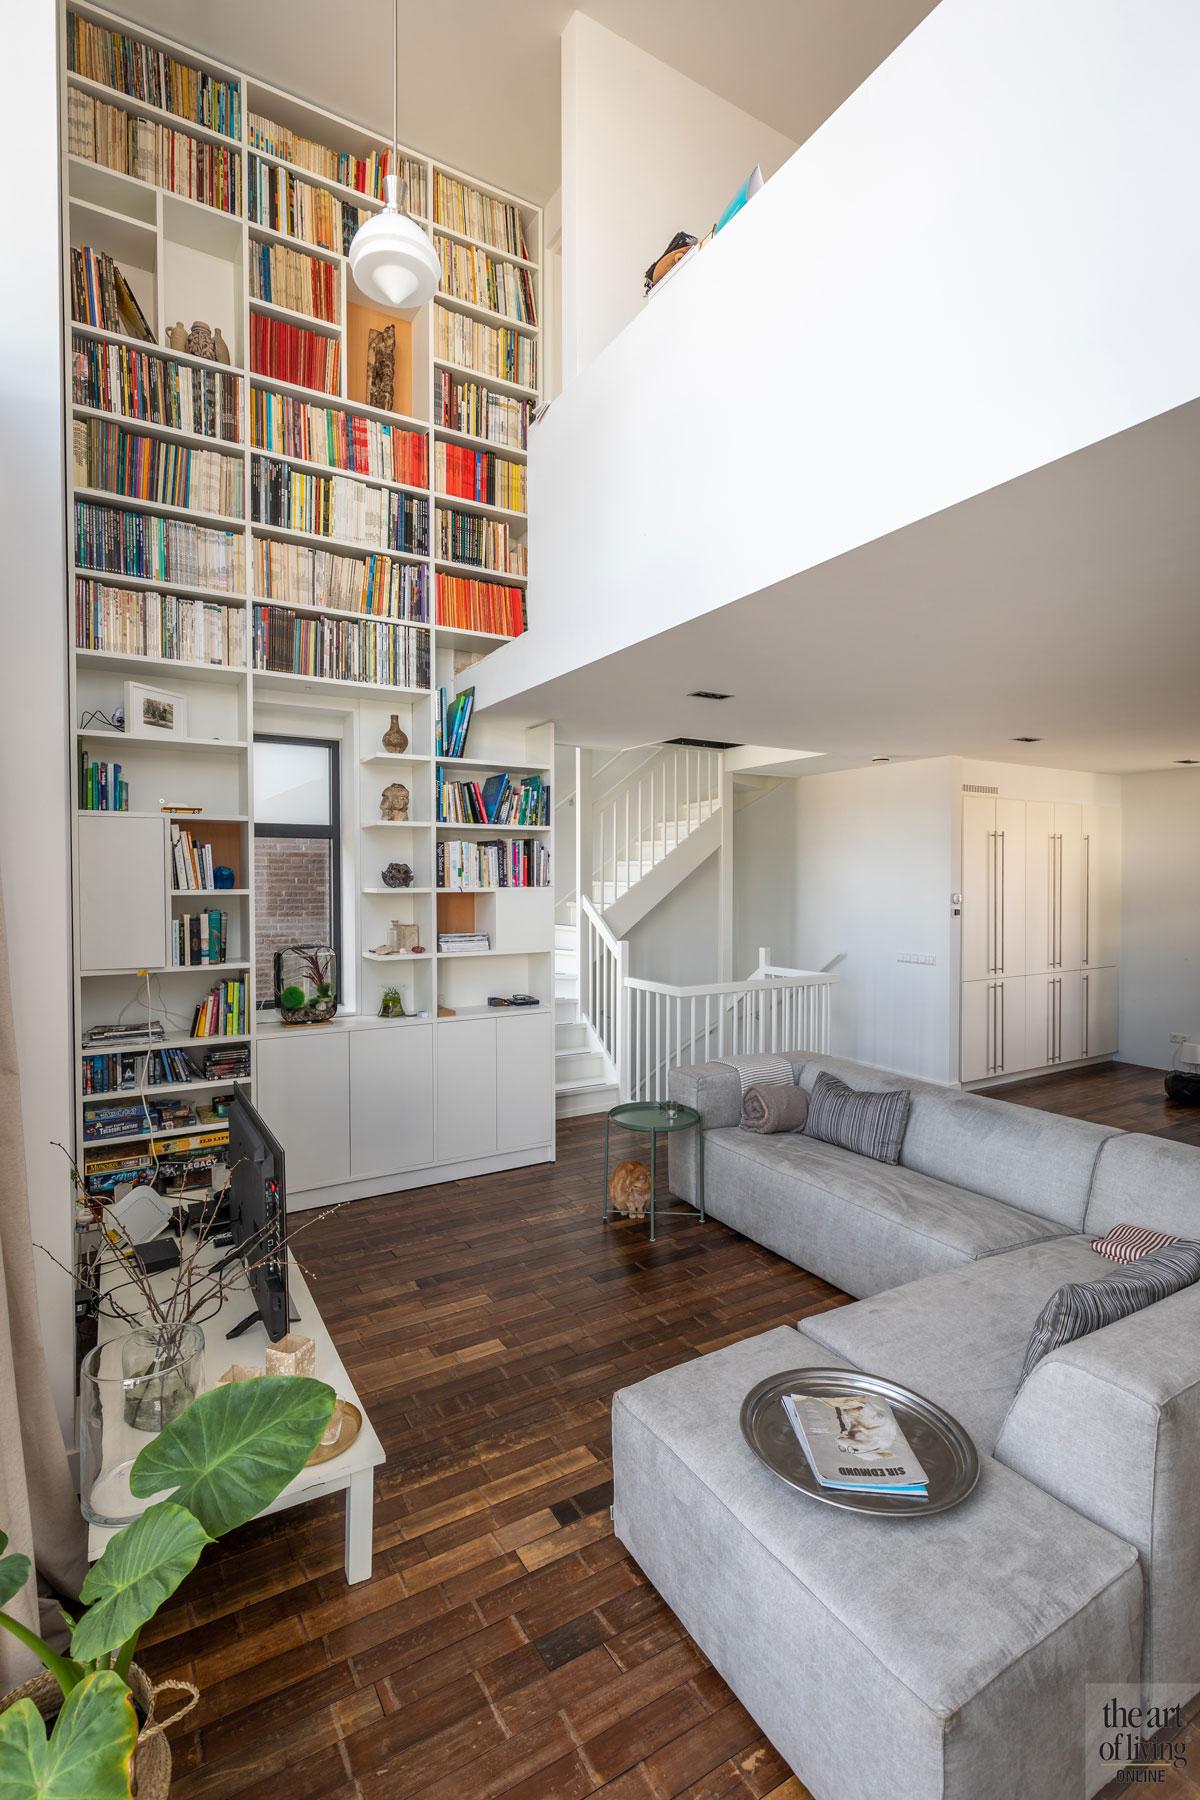 Woonkamer, houten vloer, boekenkast, hoogte, ruimtelijk, zithoek, strakke tweekapper, Kabaz, C. van der Grift